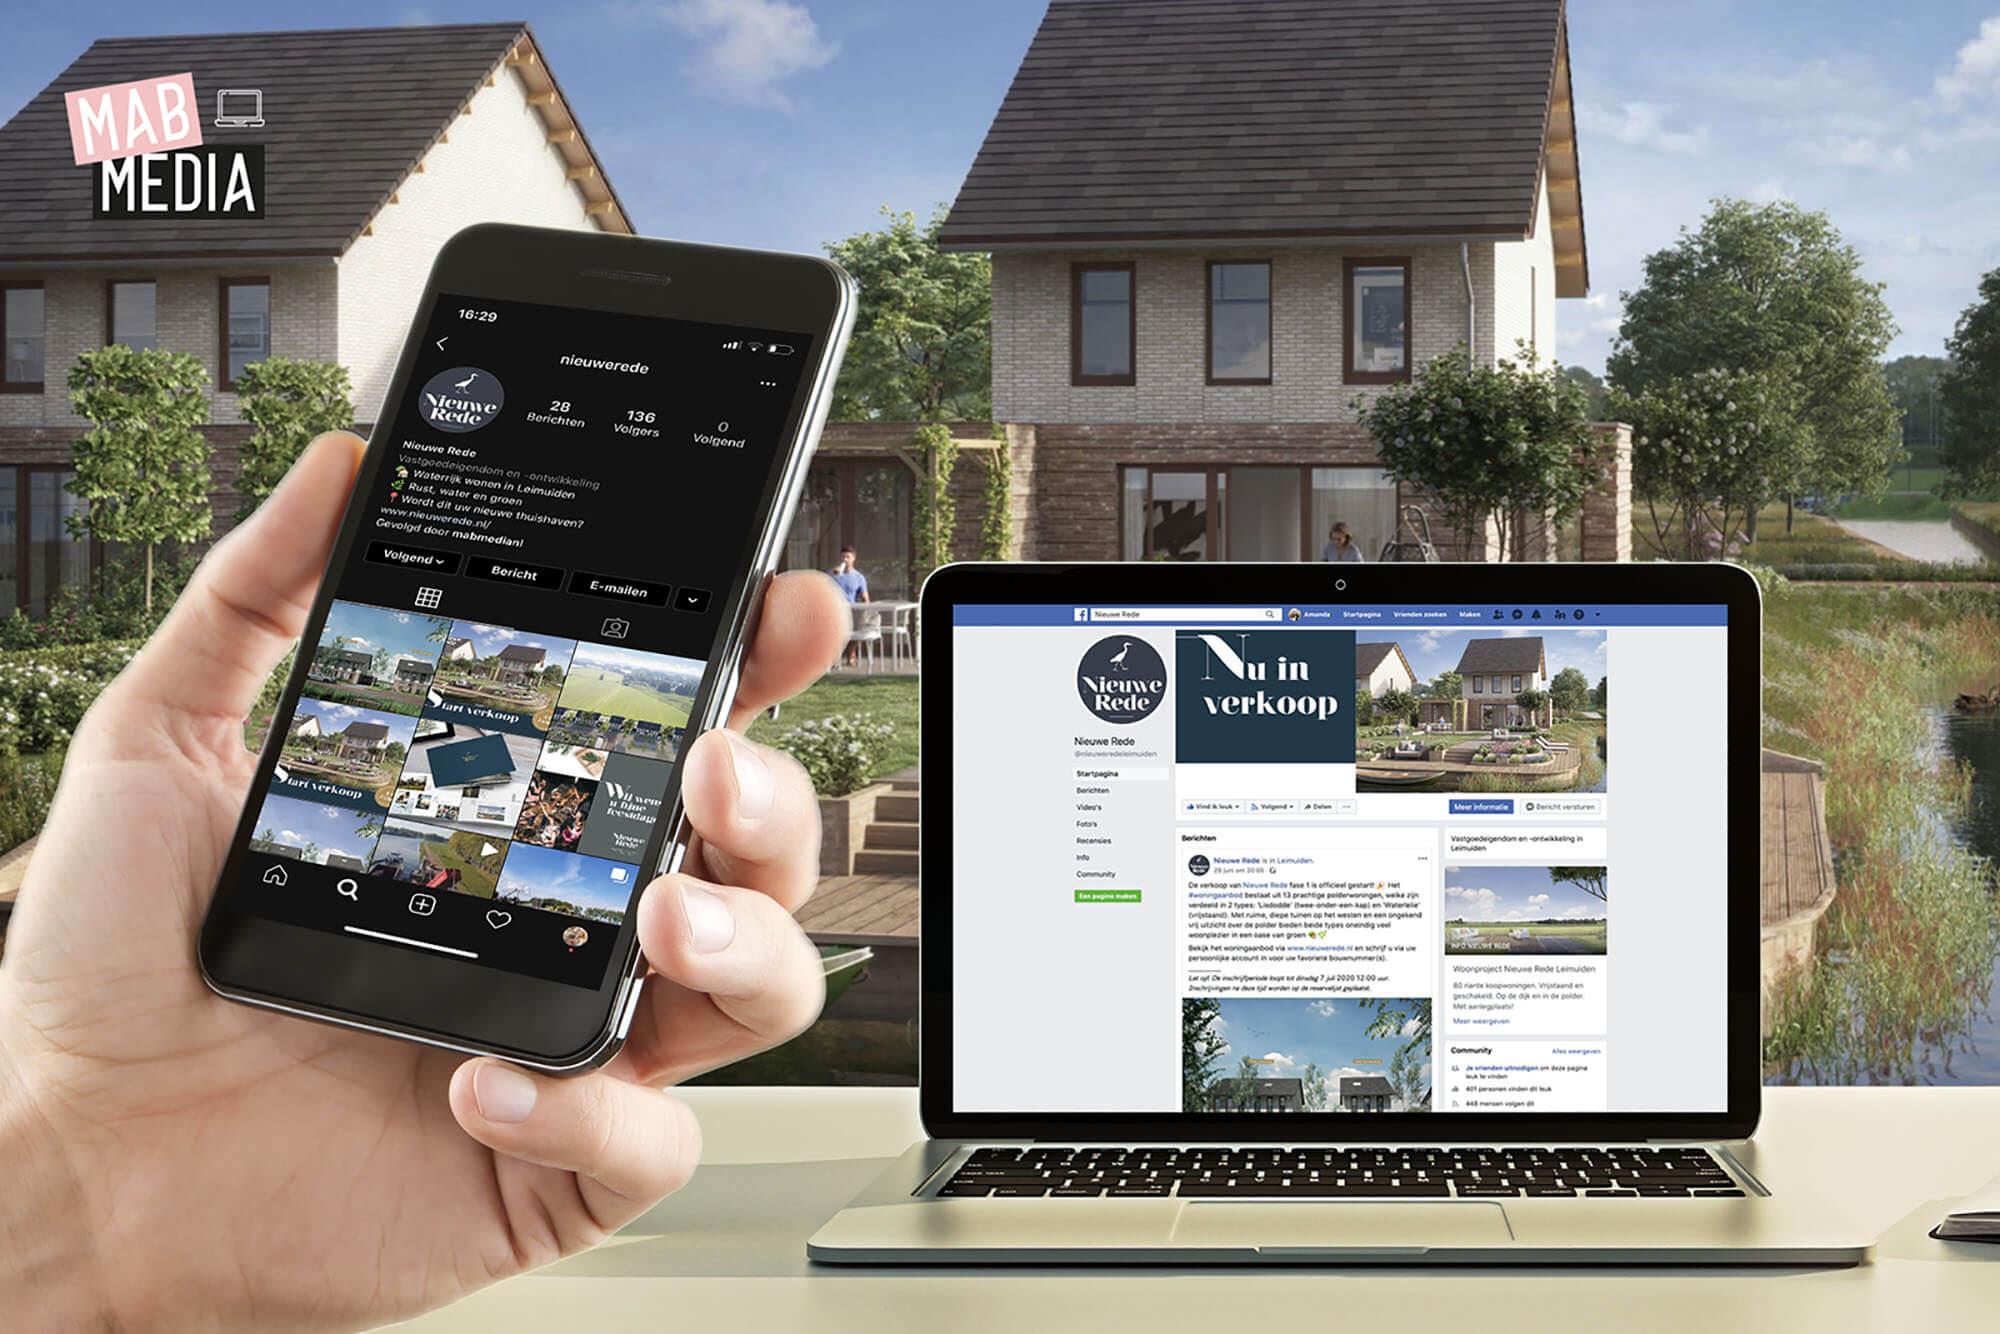 Social media onderhoud woonproject Nieuwe Rede in Leimuiden door MAB Media